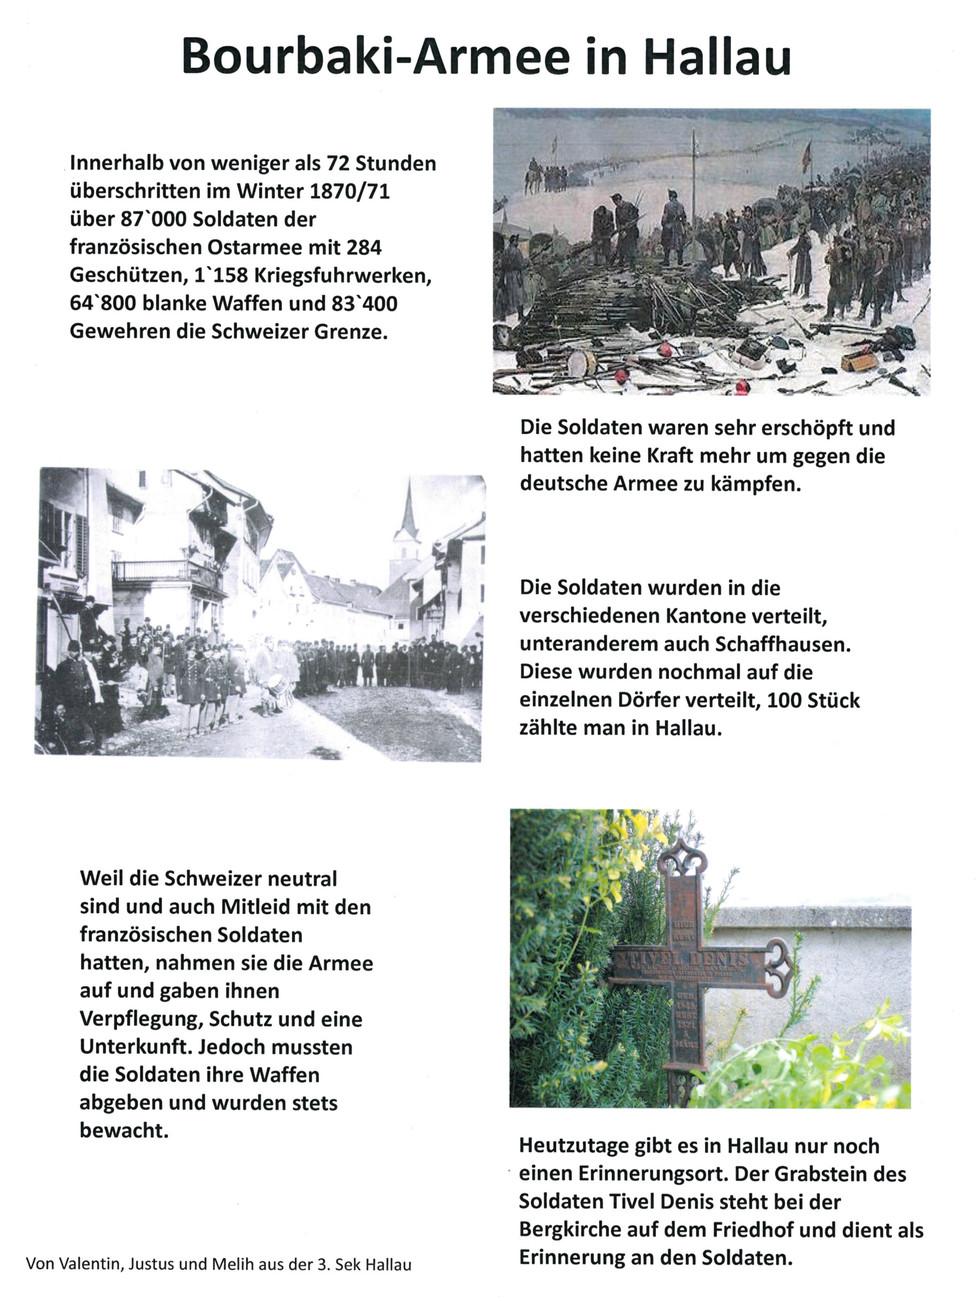 150 Jahre Bourbaki-Internierung - ein Projekt zur Erinnerungskultur